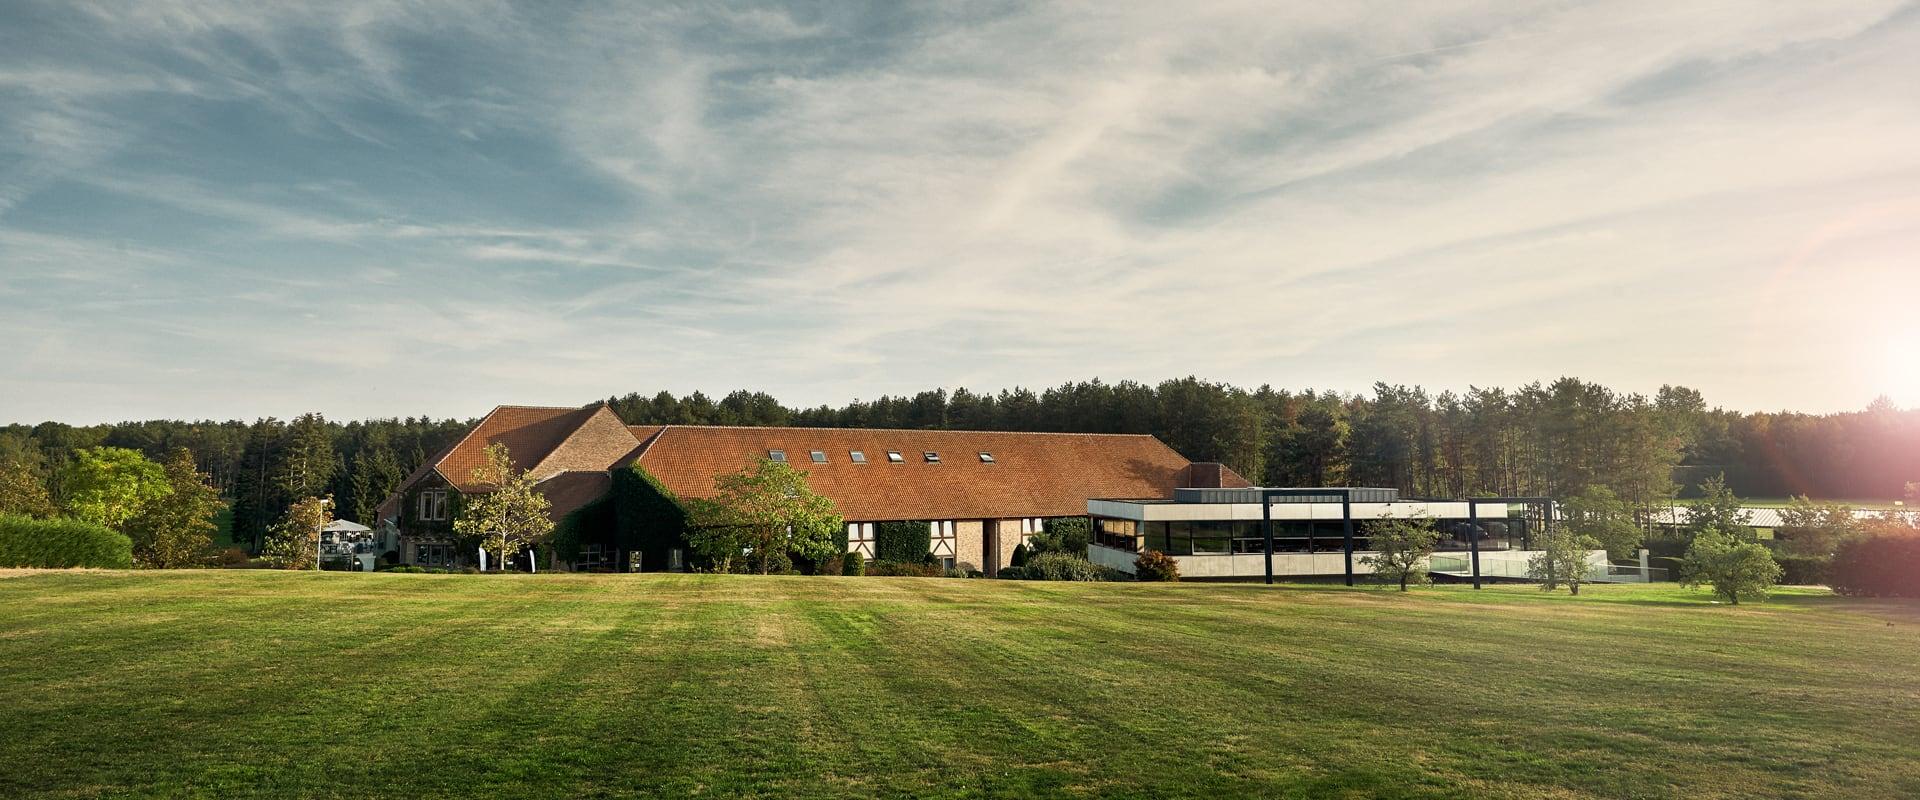 stiemerheide-hotel-1-8592